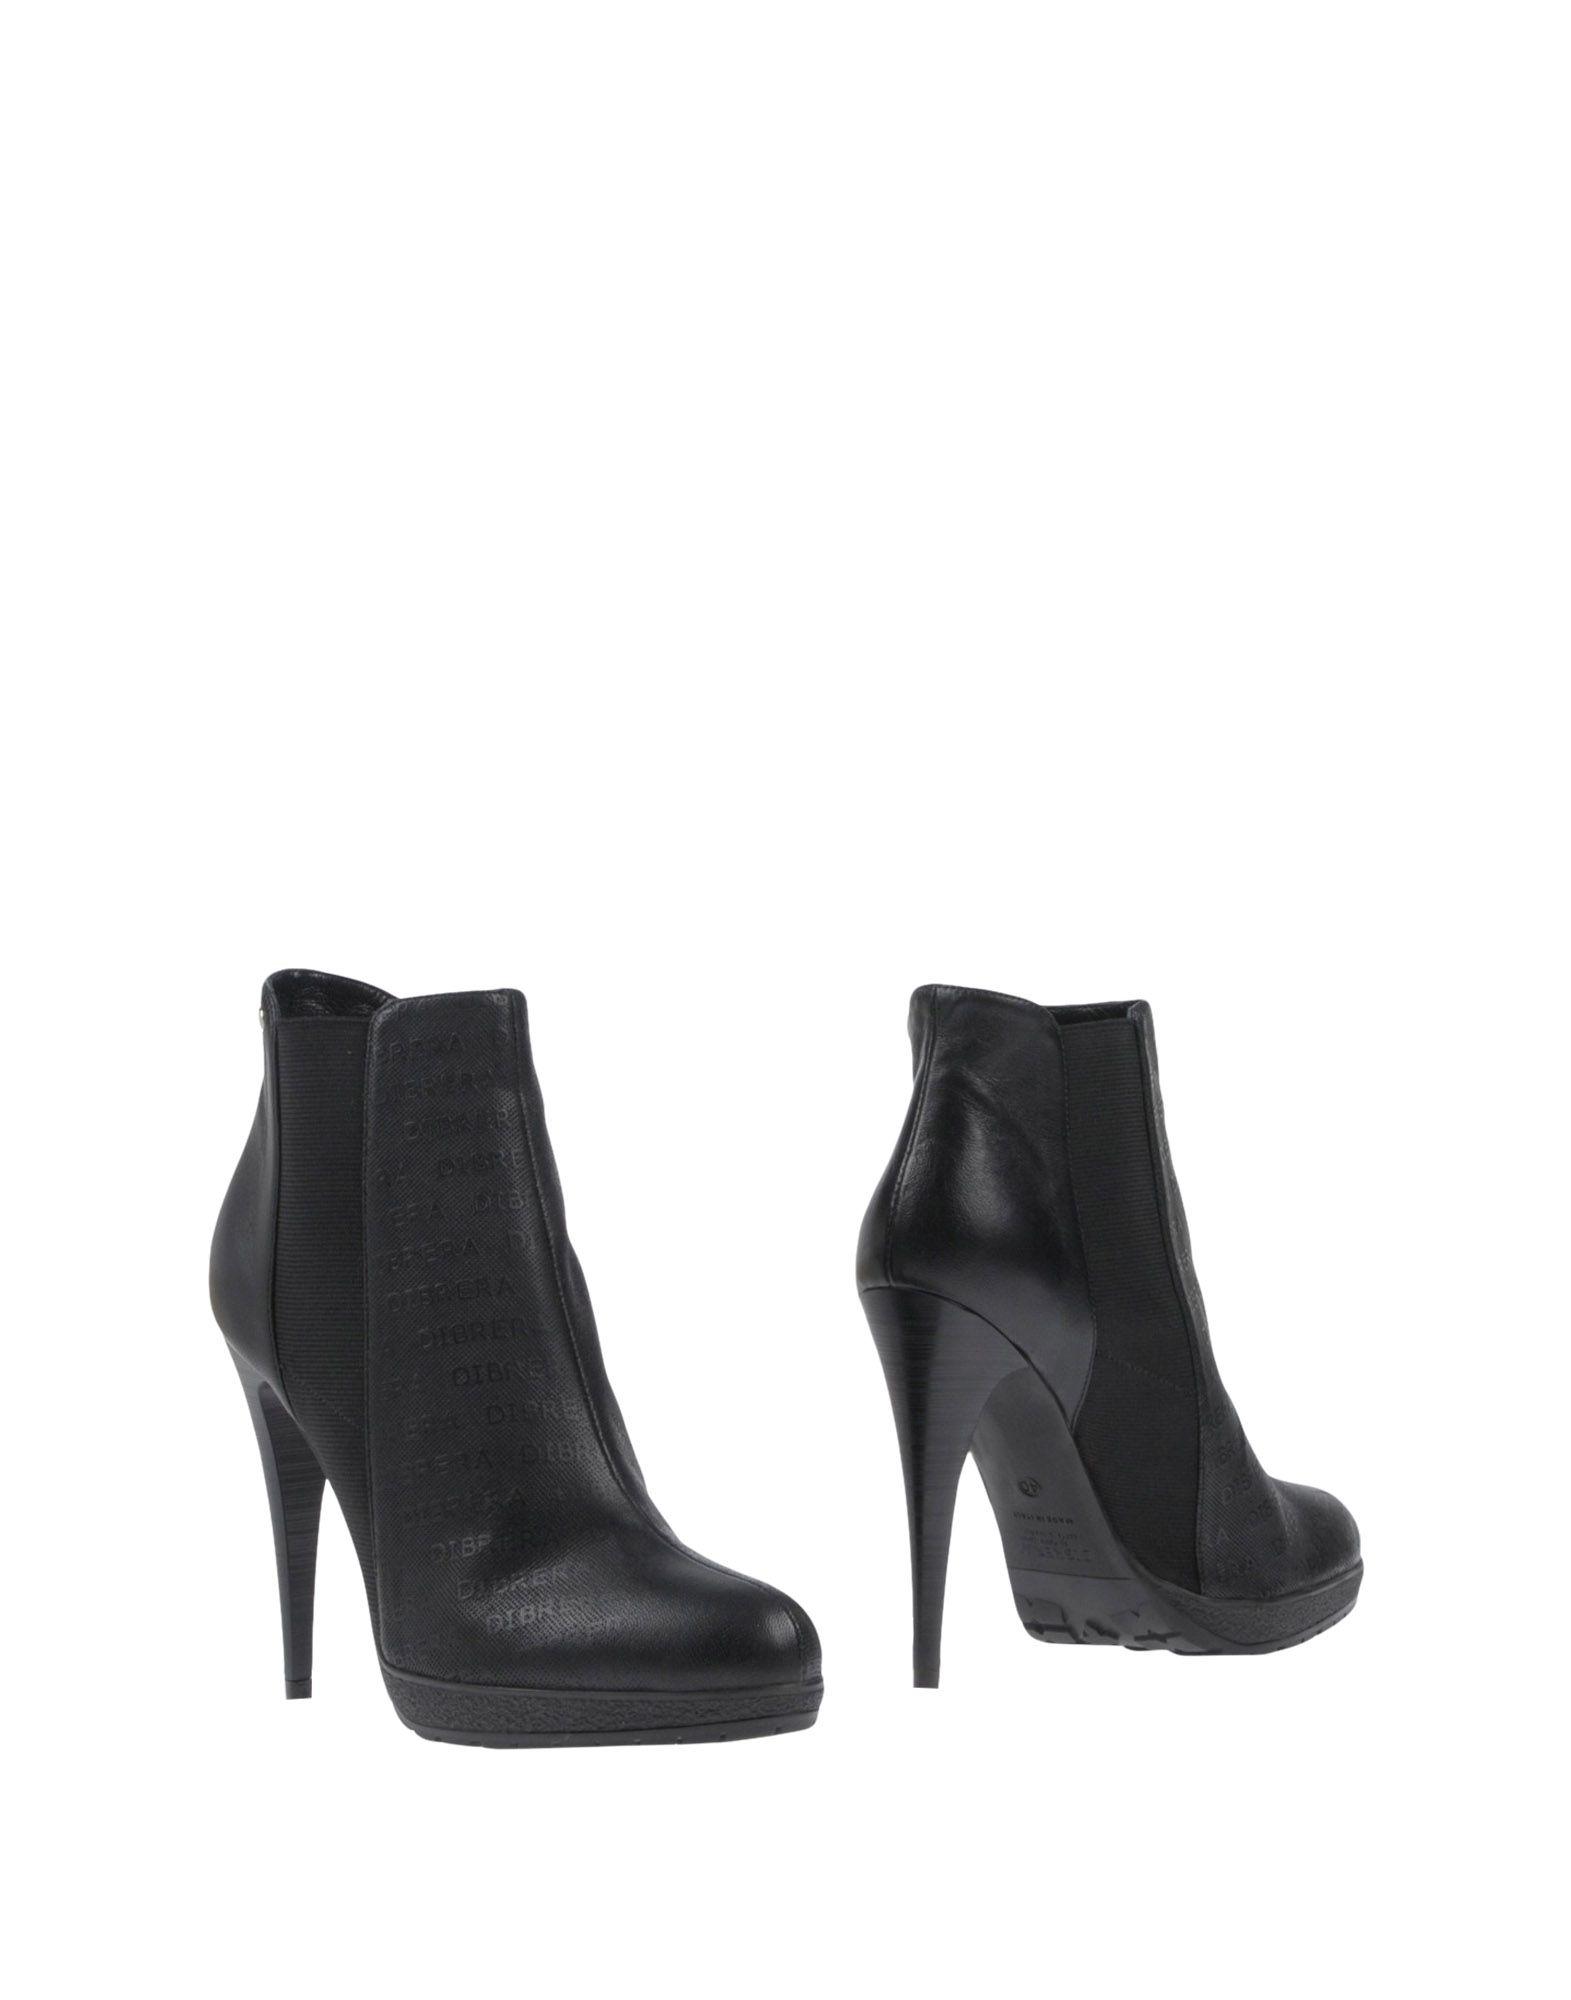 Dibrera By - Paolo Zanoli Ankle Boot - By Women Dibrera By Paolo Zanoli Ankle Boots online on  Australia - 44989587JU 4d3613